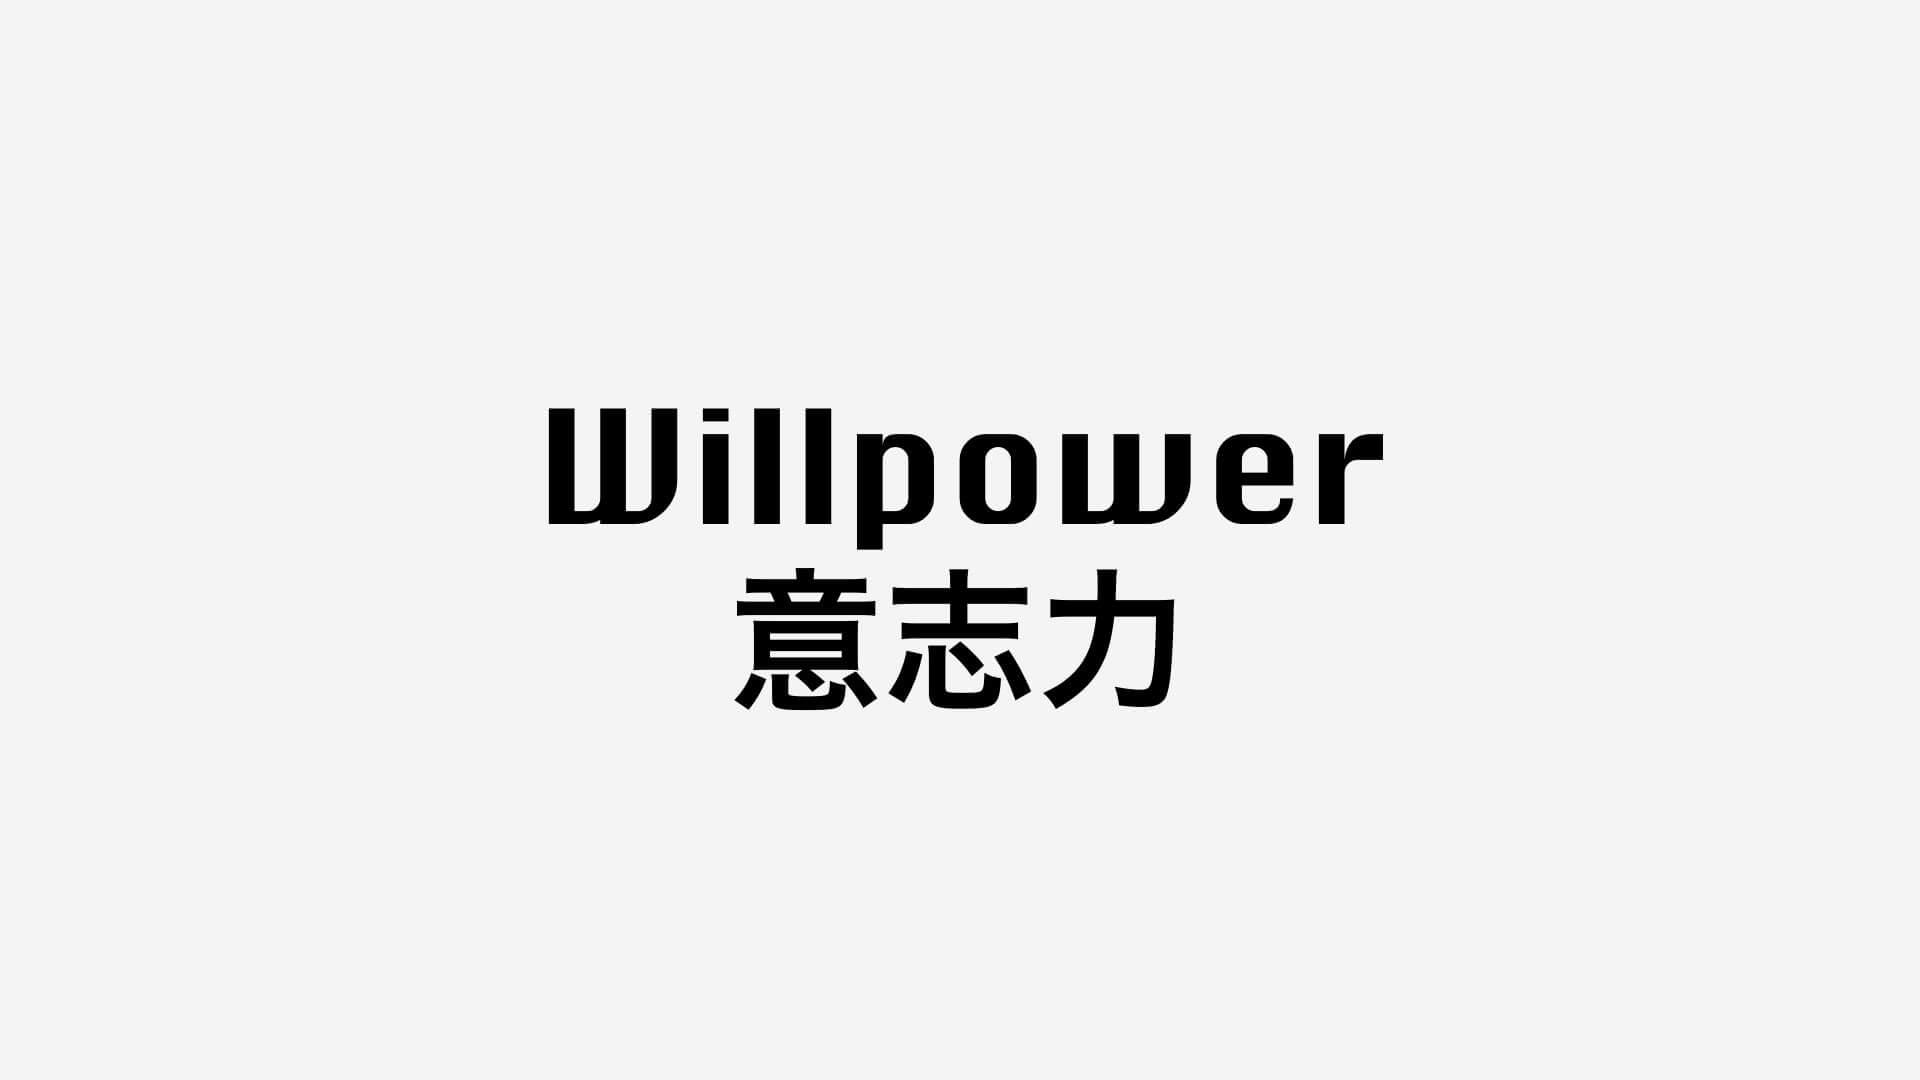 意志力Willpower